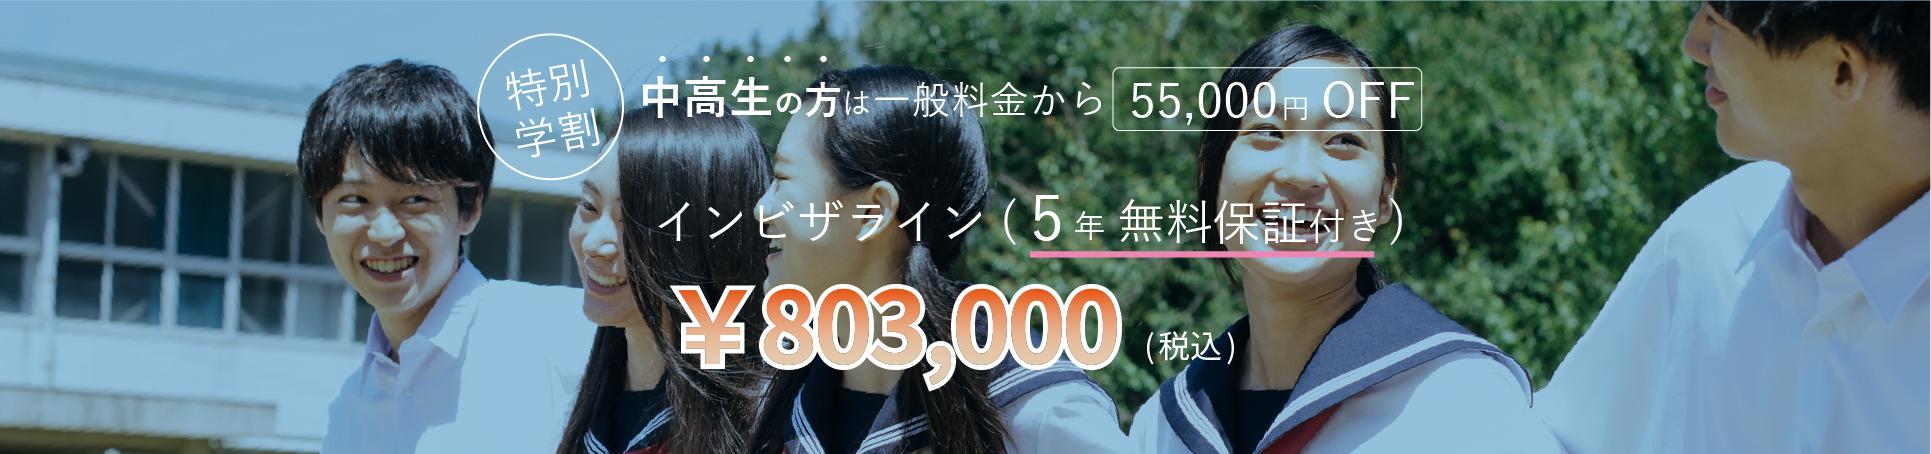 中央の方は一般料金から50,000円OFF